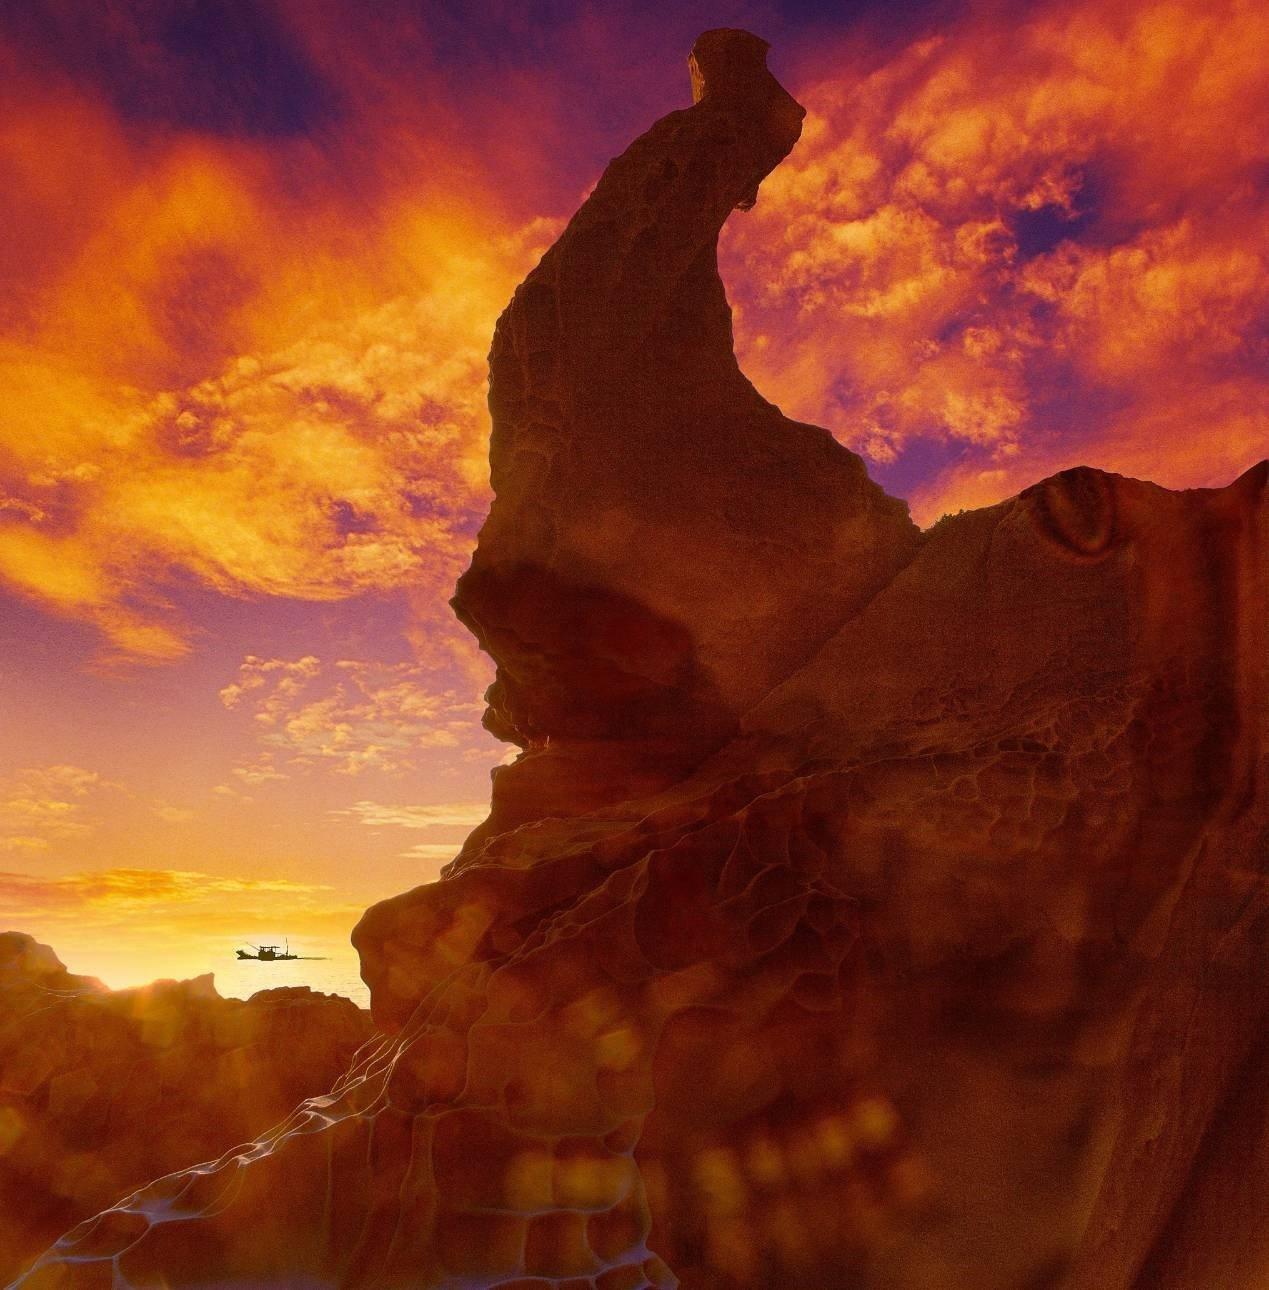 踏入影像攝影浩瀚世界32年,洪秀道用「心」捕捉剎那之美,去年退休後發表「邊界故鄉...